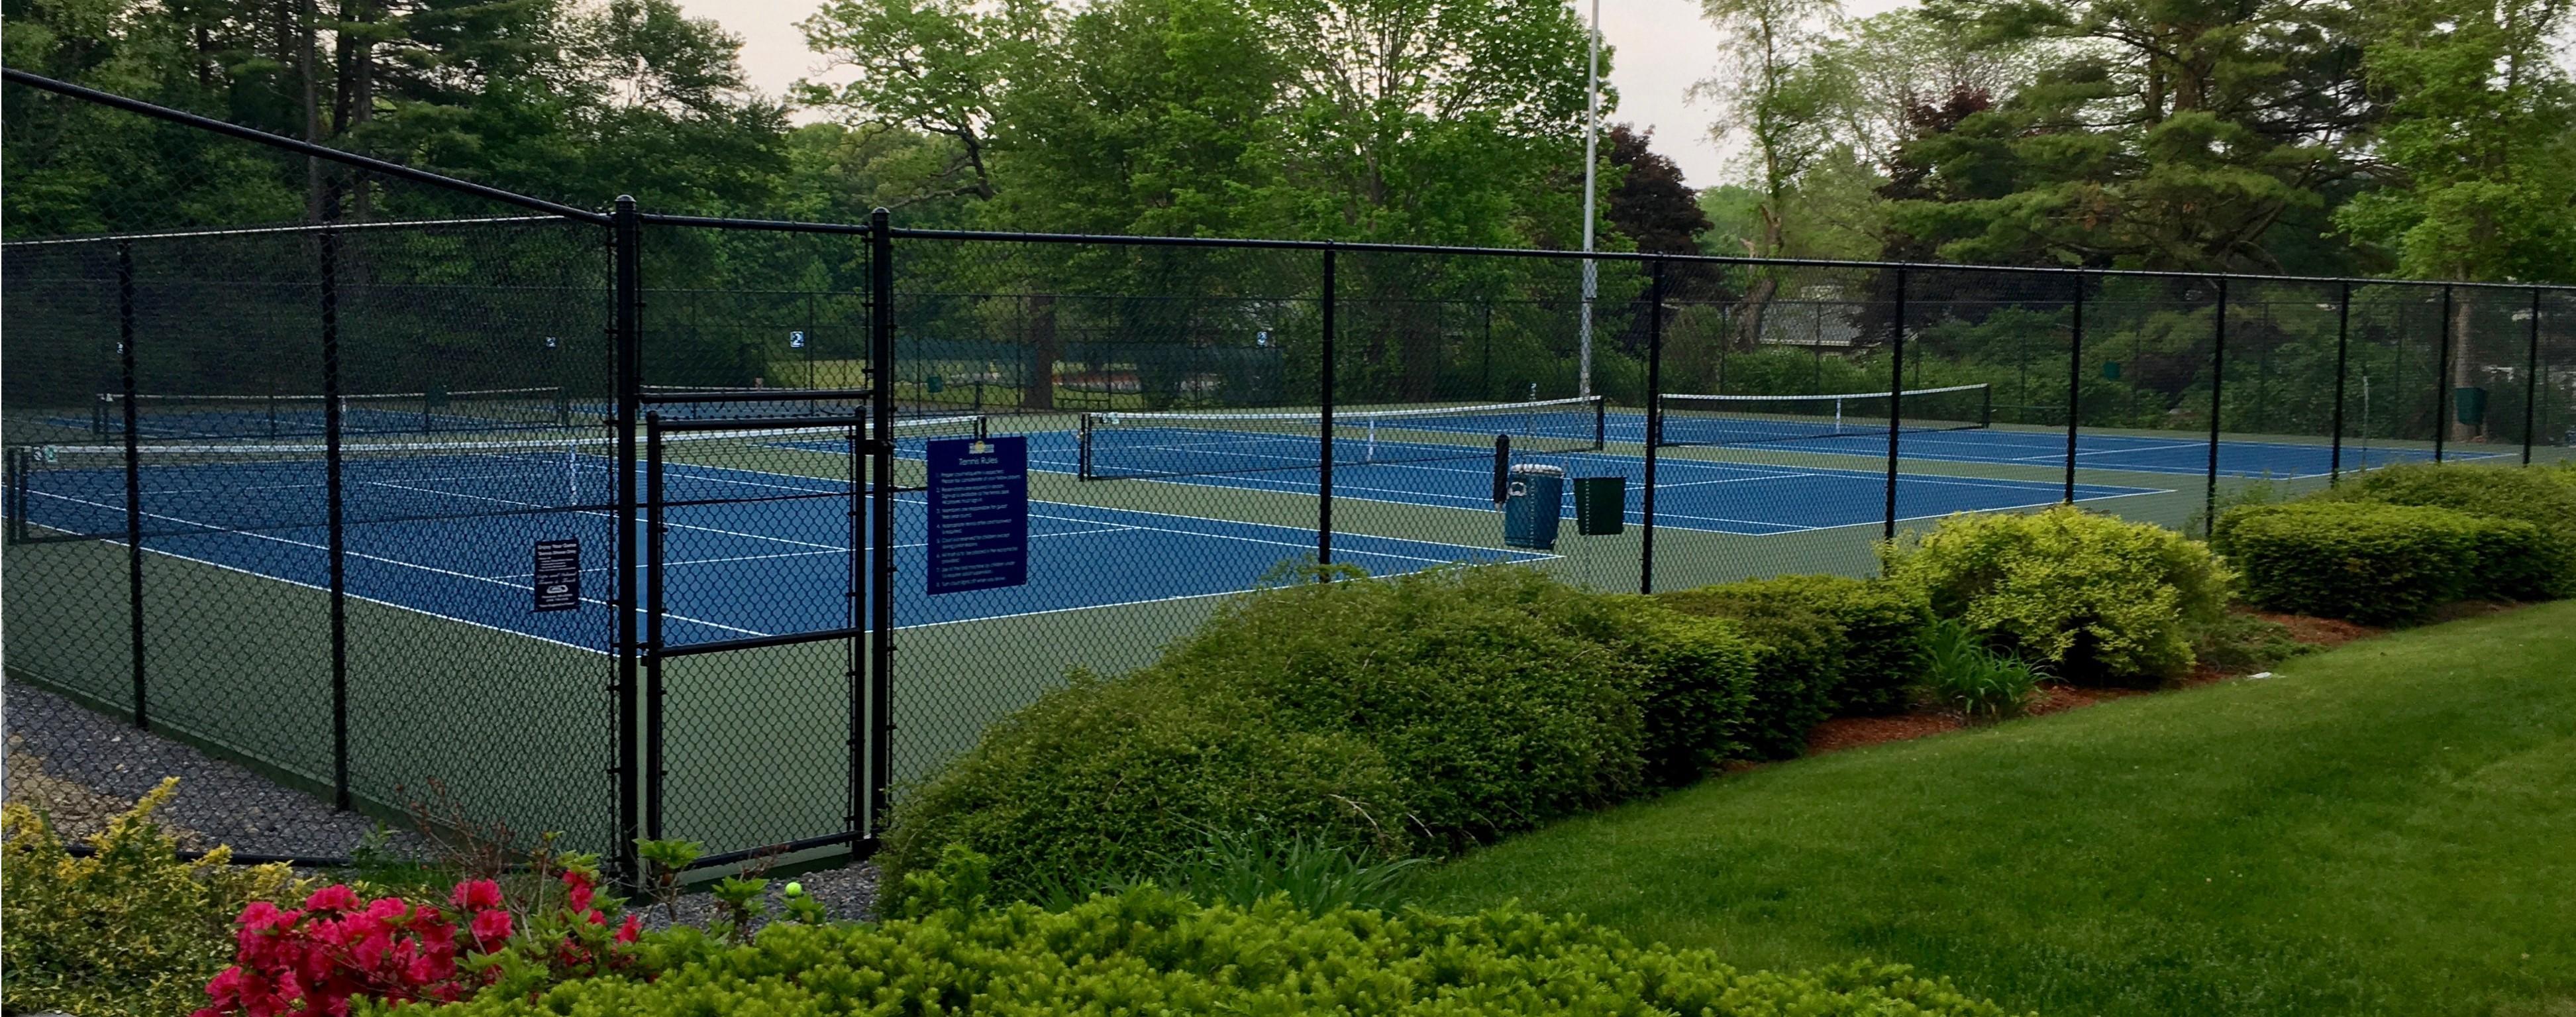 tennis slider 1535 3889